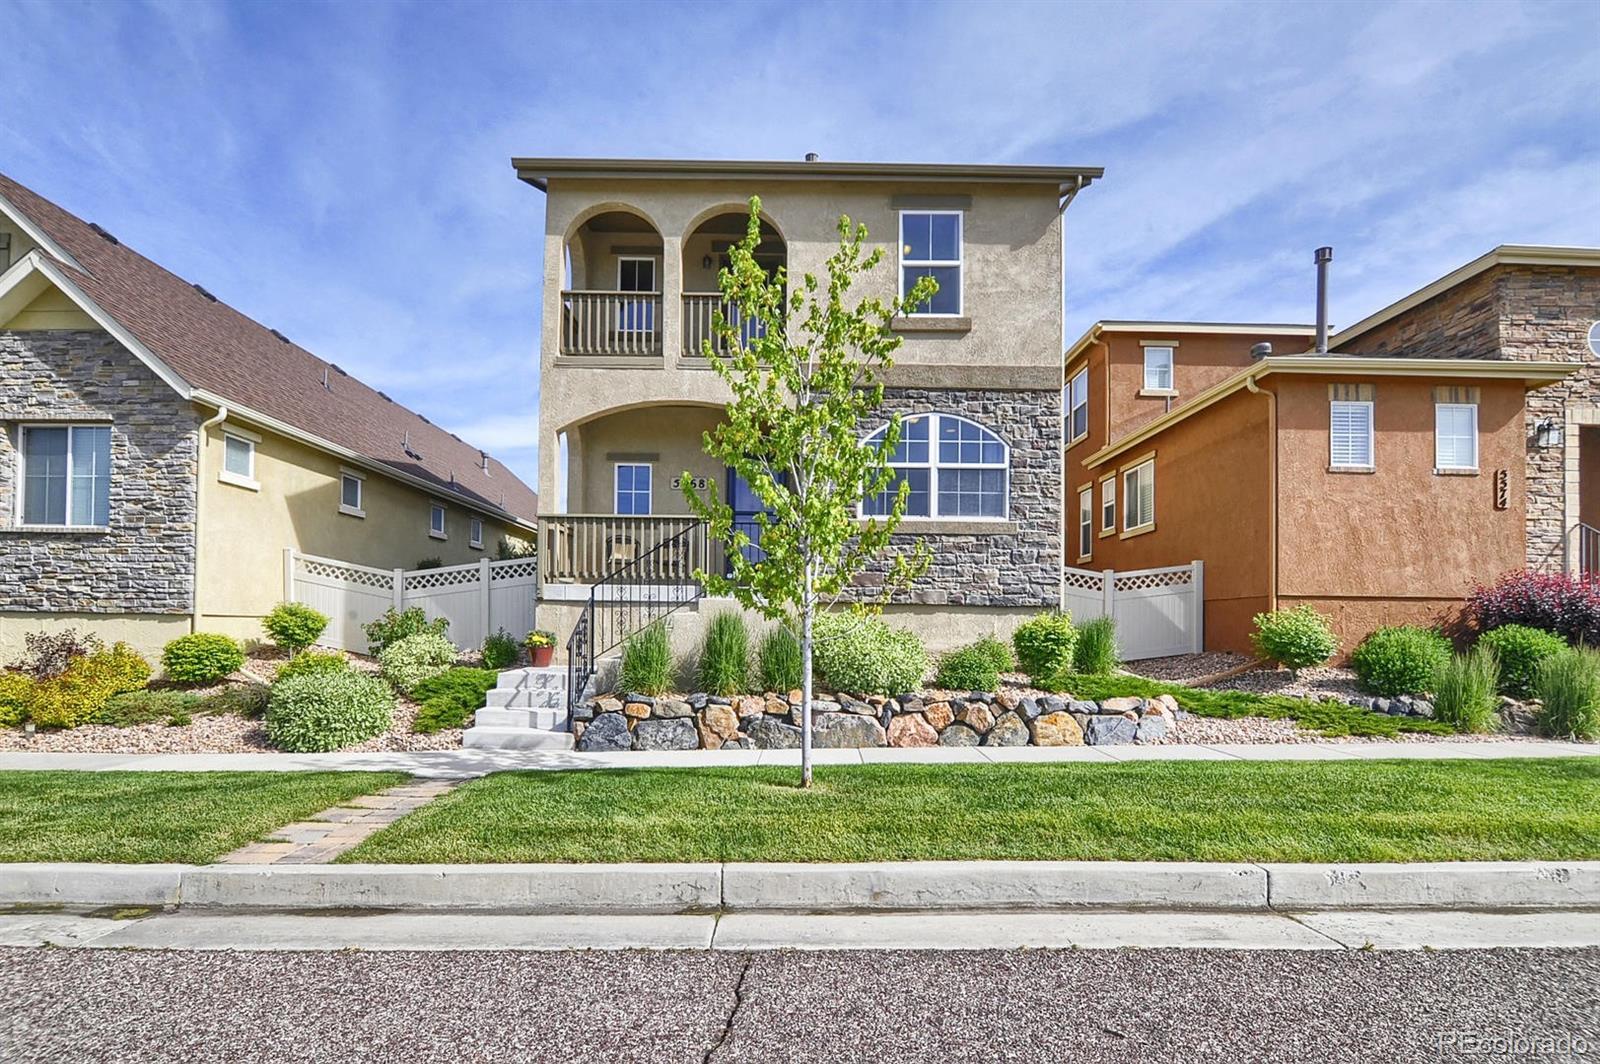 MLS# 6225803 - 1 - 5568 Blue Moon Drive, Colorado Springs, CO 80924